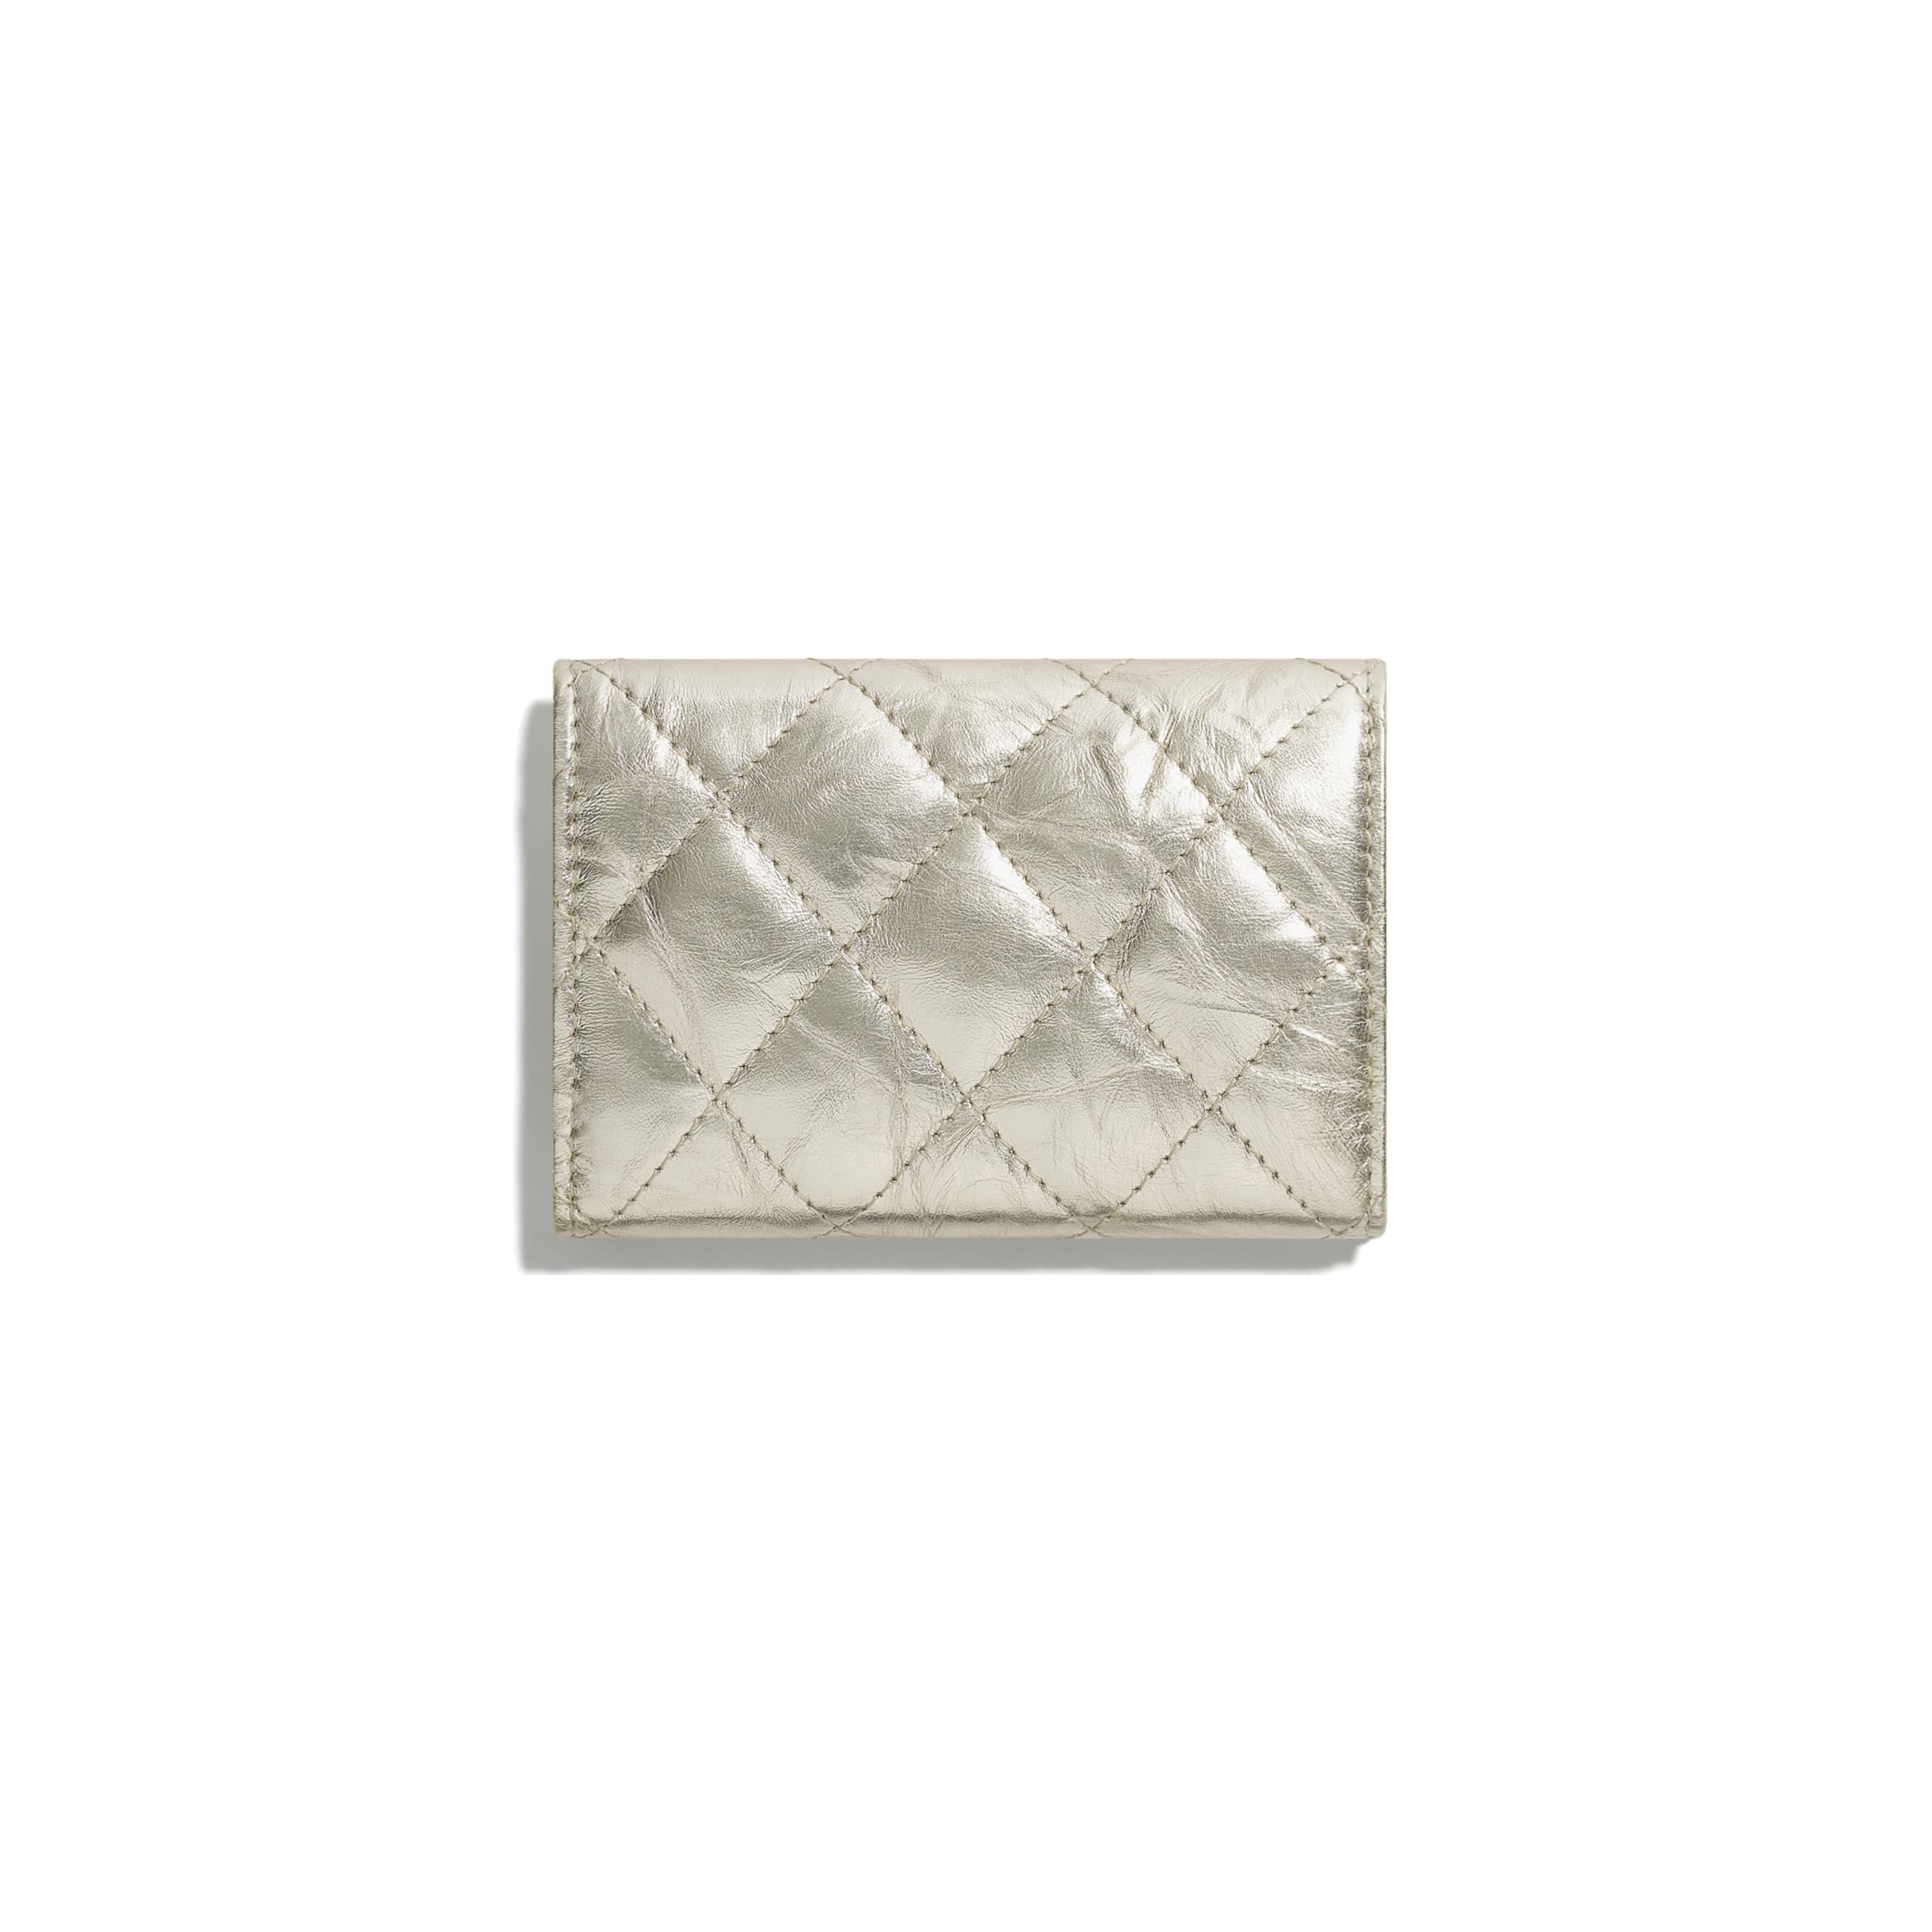 2.55 kleine Flap Wallet - Lichtgoud - Metallic verkreukeld kalfsleer & goudkleurig metaal - CHANEL - Alternatieve weergave - zie versie op standaardgrootte